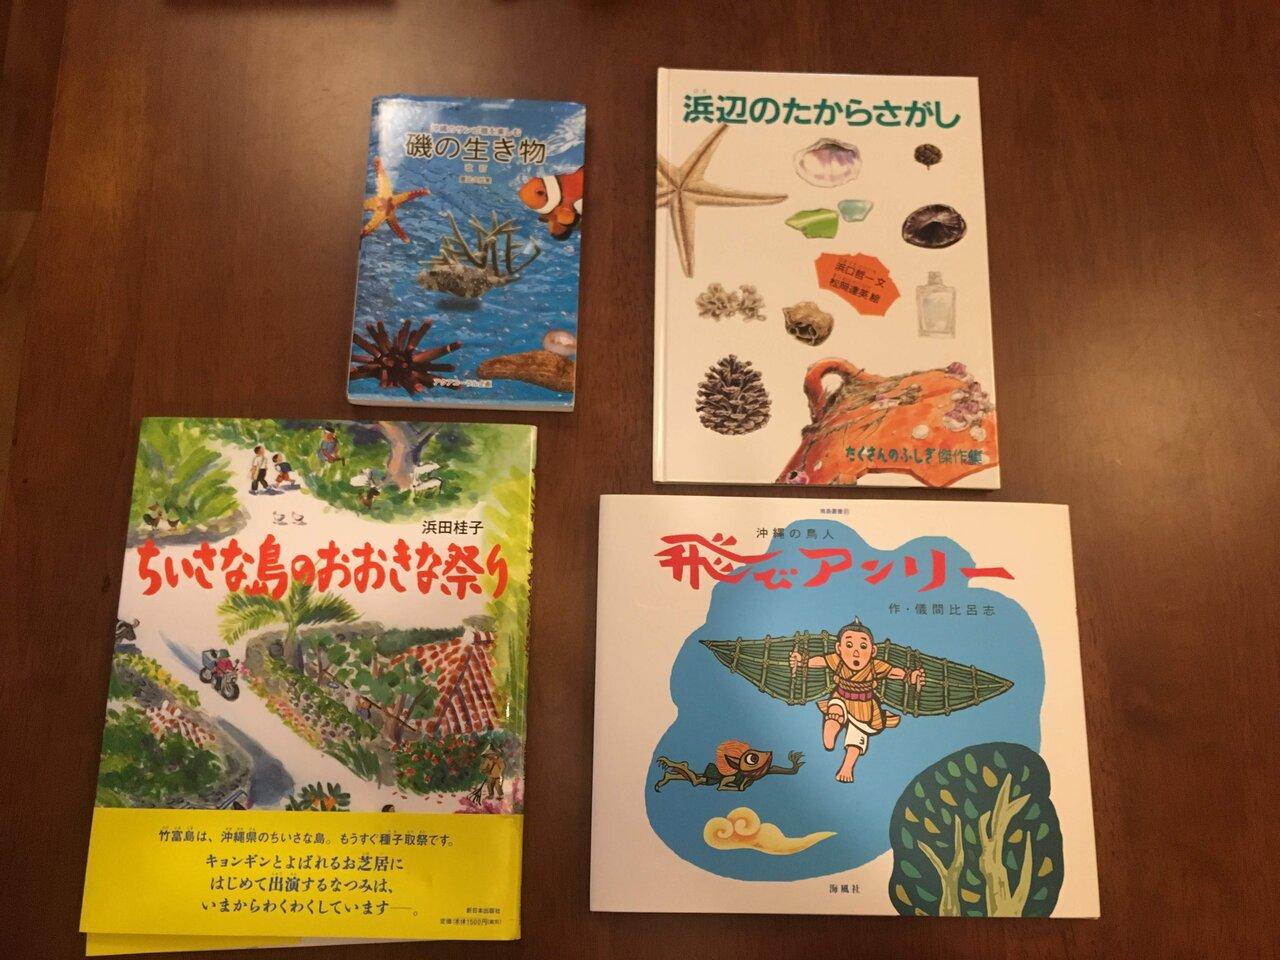 家でも海や沖縄、竹富島にまつわる本や絵本を読みながら親子で学んでいます。身近なことなので、勉強というより遊んでいる感覚です。  写真提供:片岡由衣